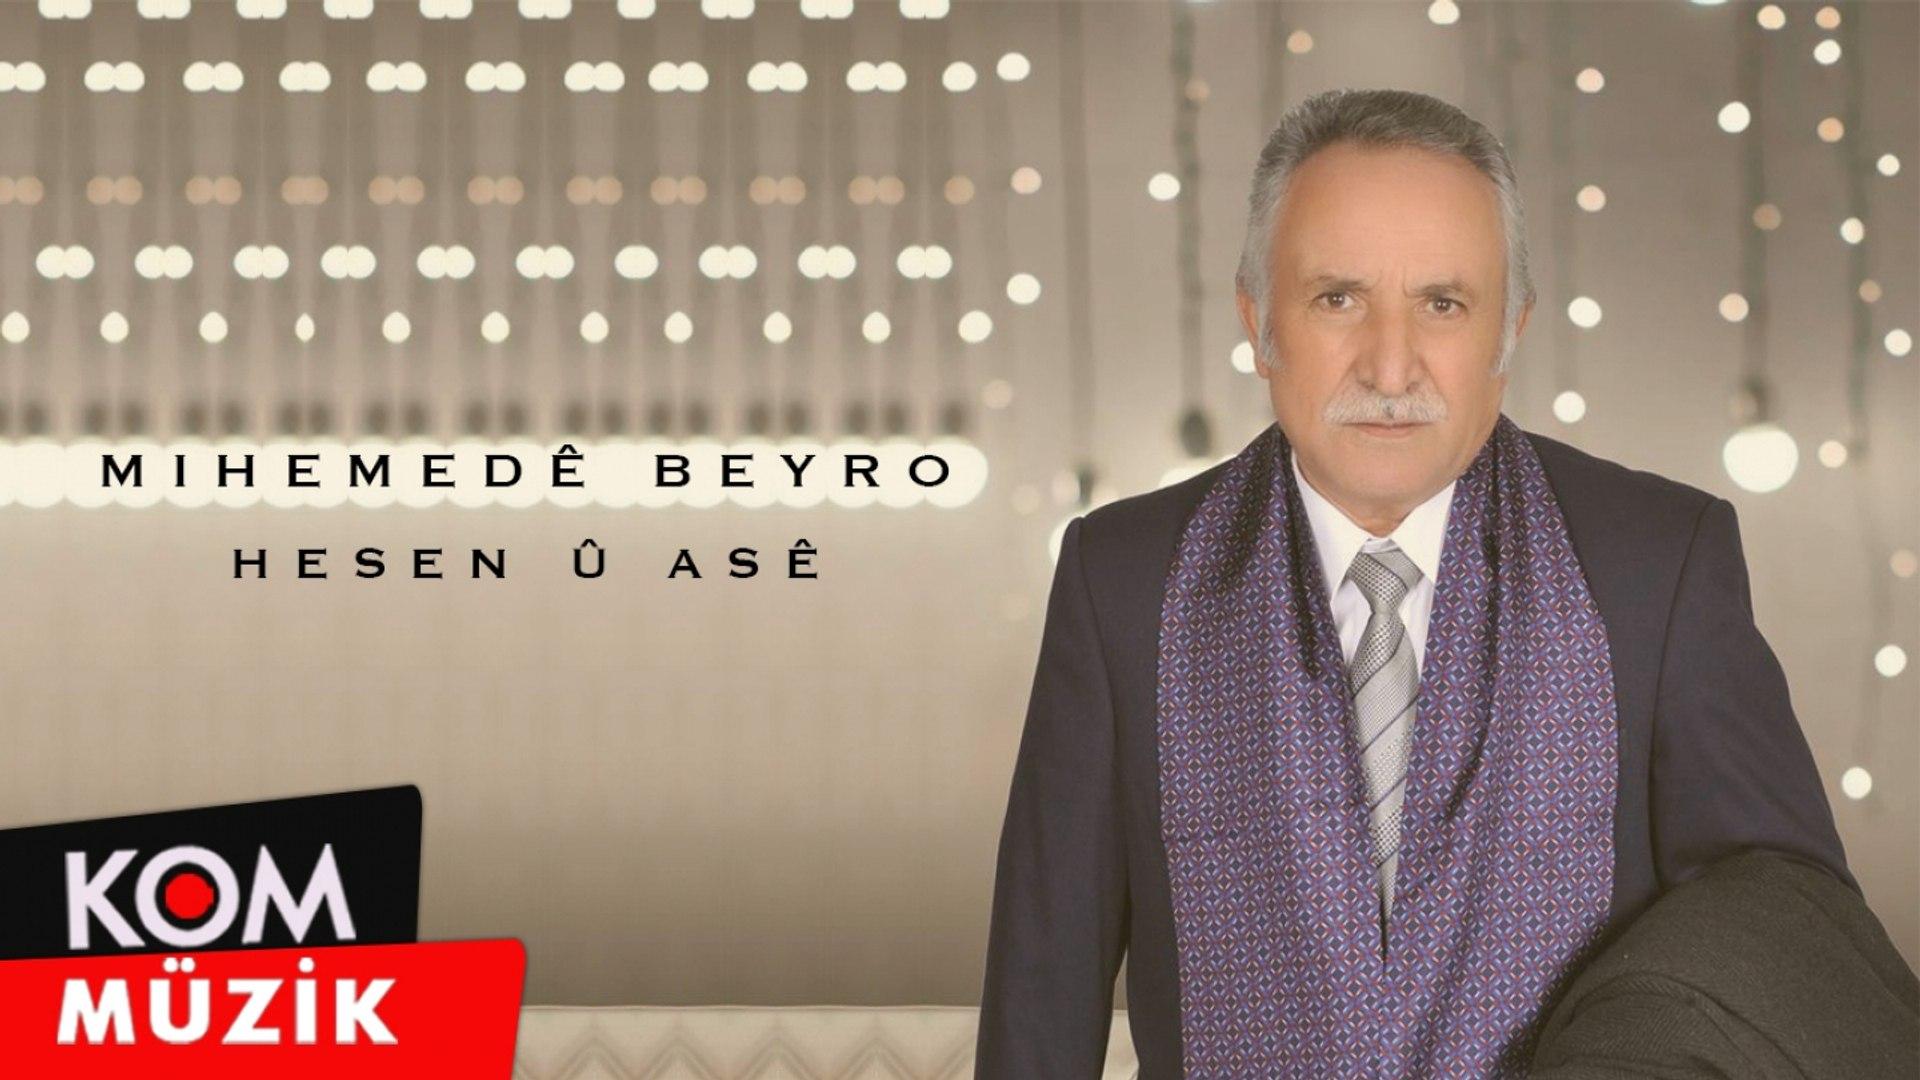 Mihemedê Beyro - Hesen û Asê (2020 © Kom Müzik)